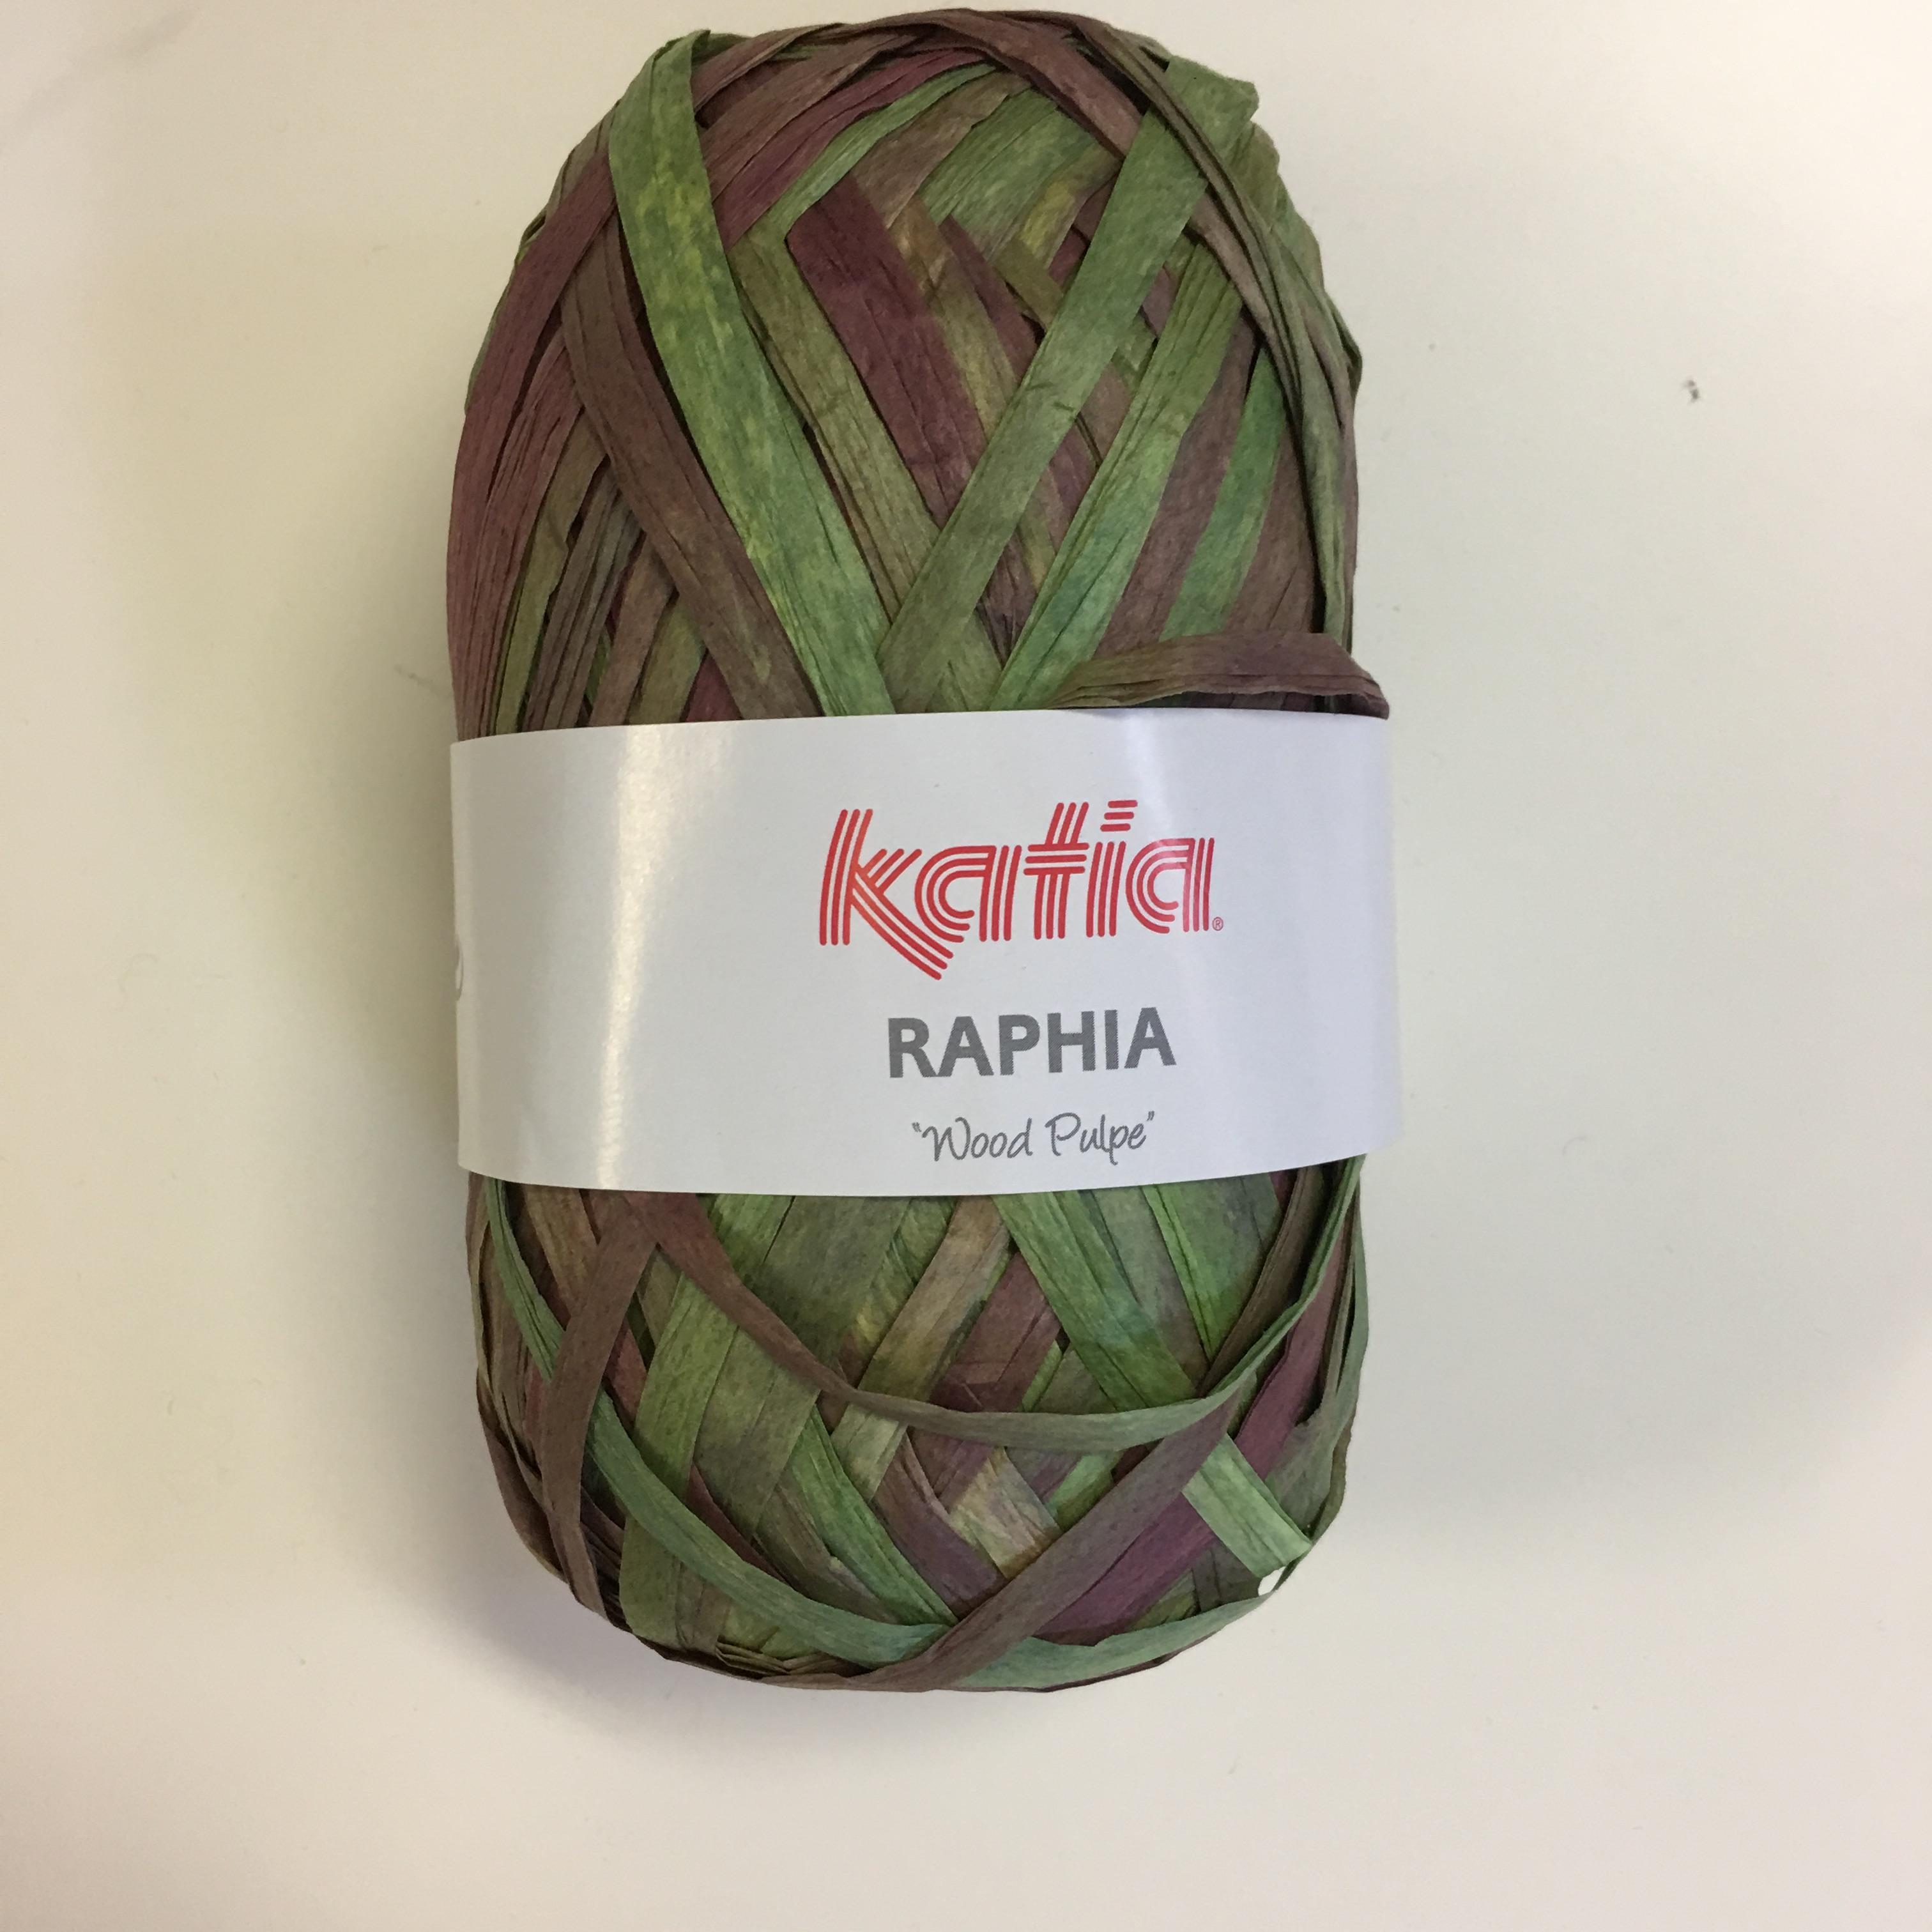 Katia|Raphia